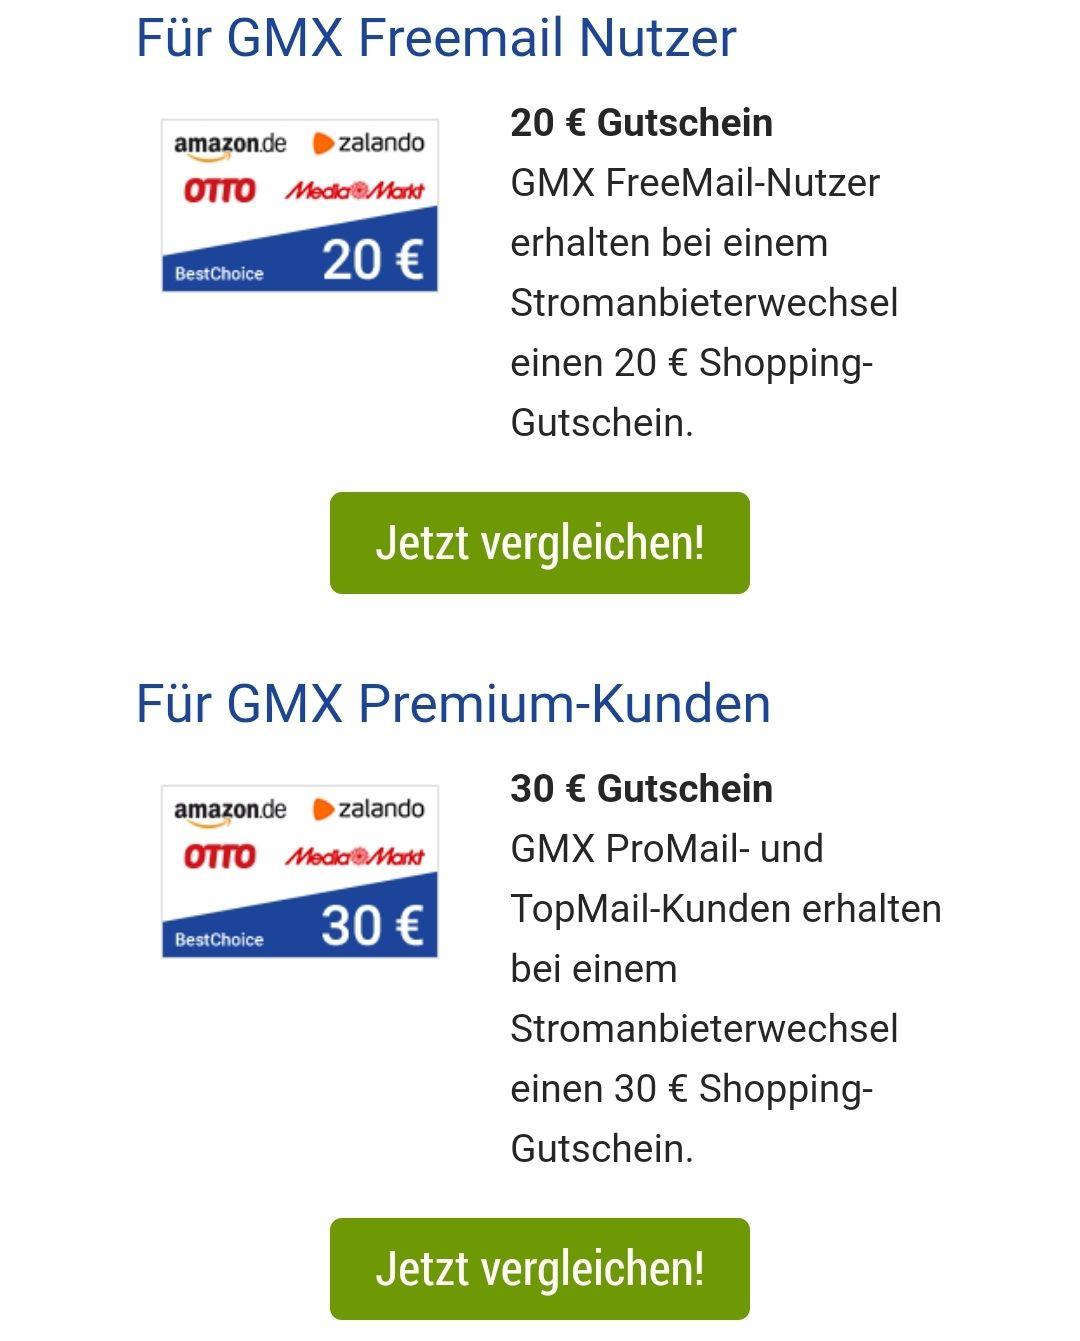 [GMX.de Vorteilswelt] Strom über Verivox z.B. 20 bis 30 Euro Amazon Gutschein